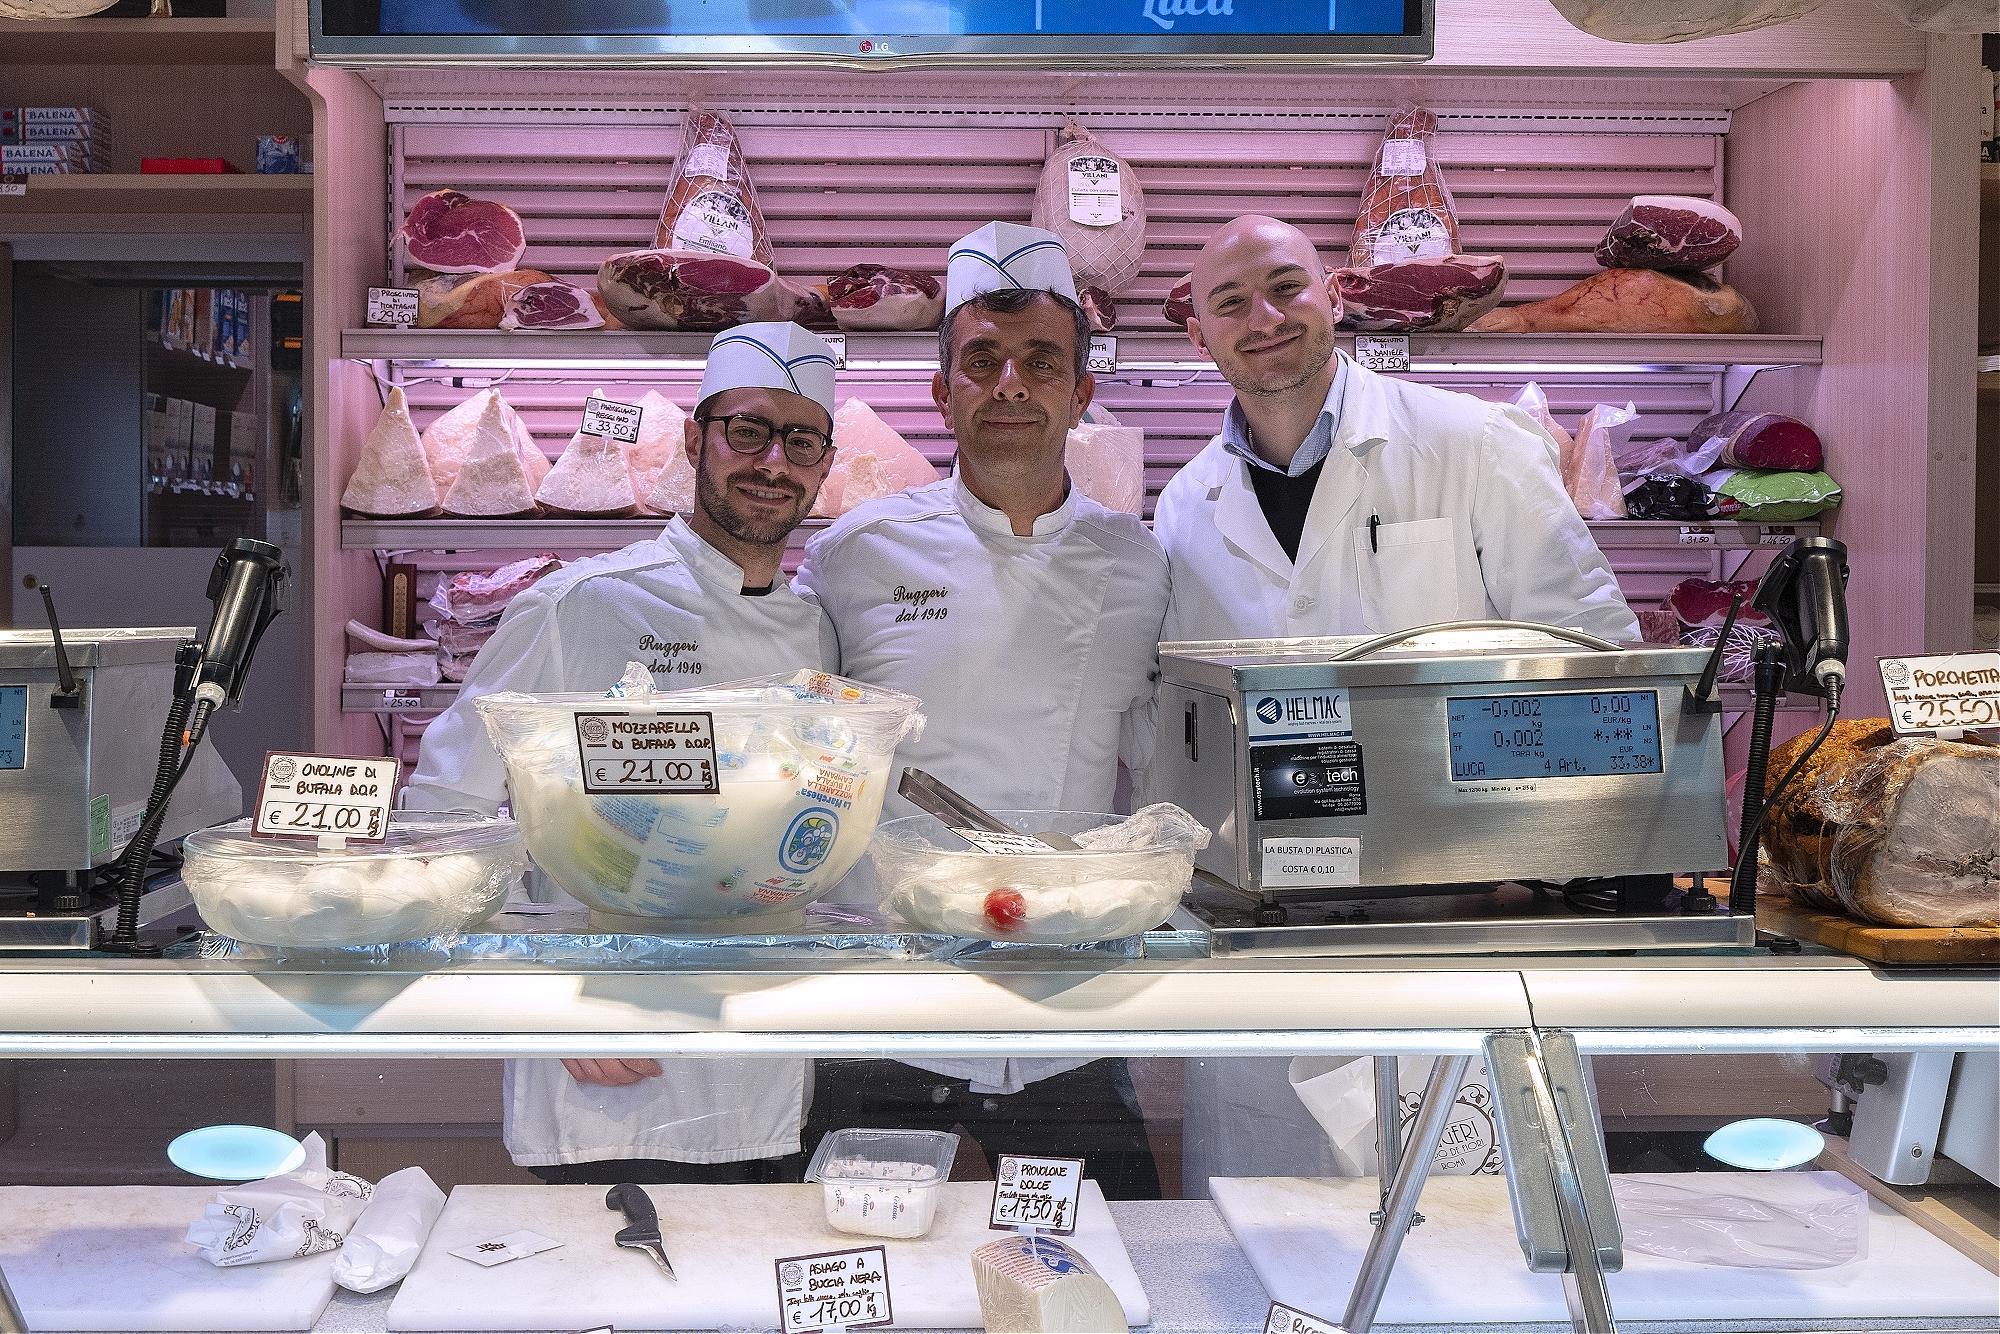 Delicatessen staff st Salsamenteria Ruggeri in Campo de Fiori, Rome